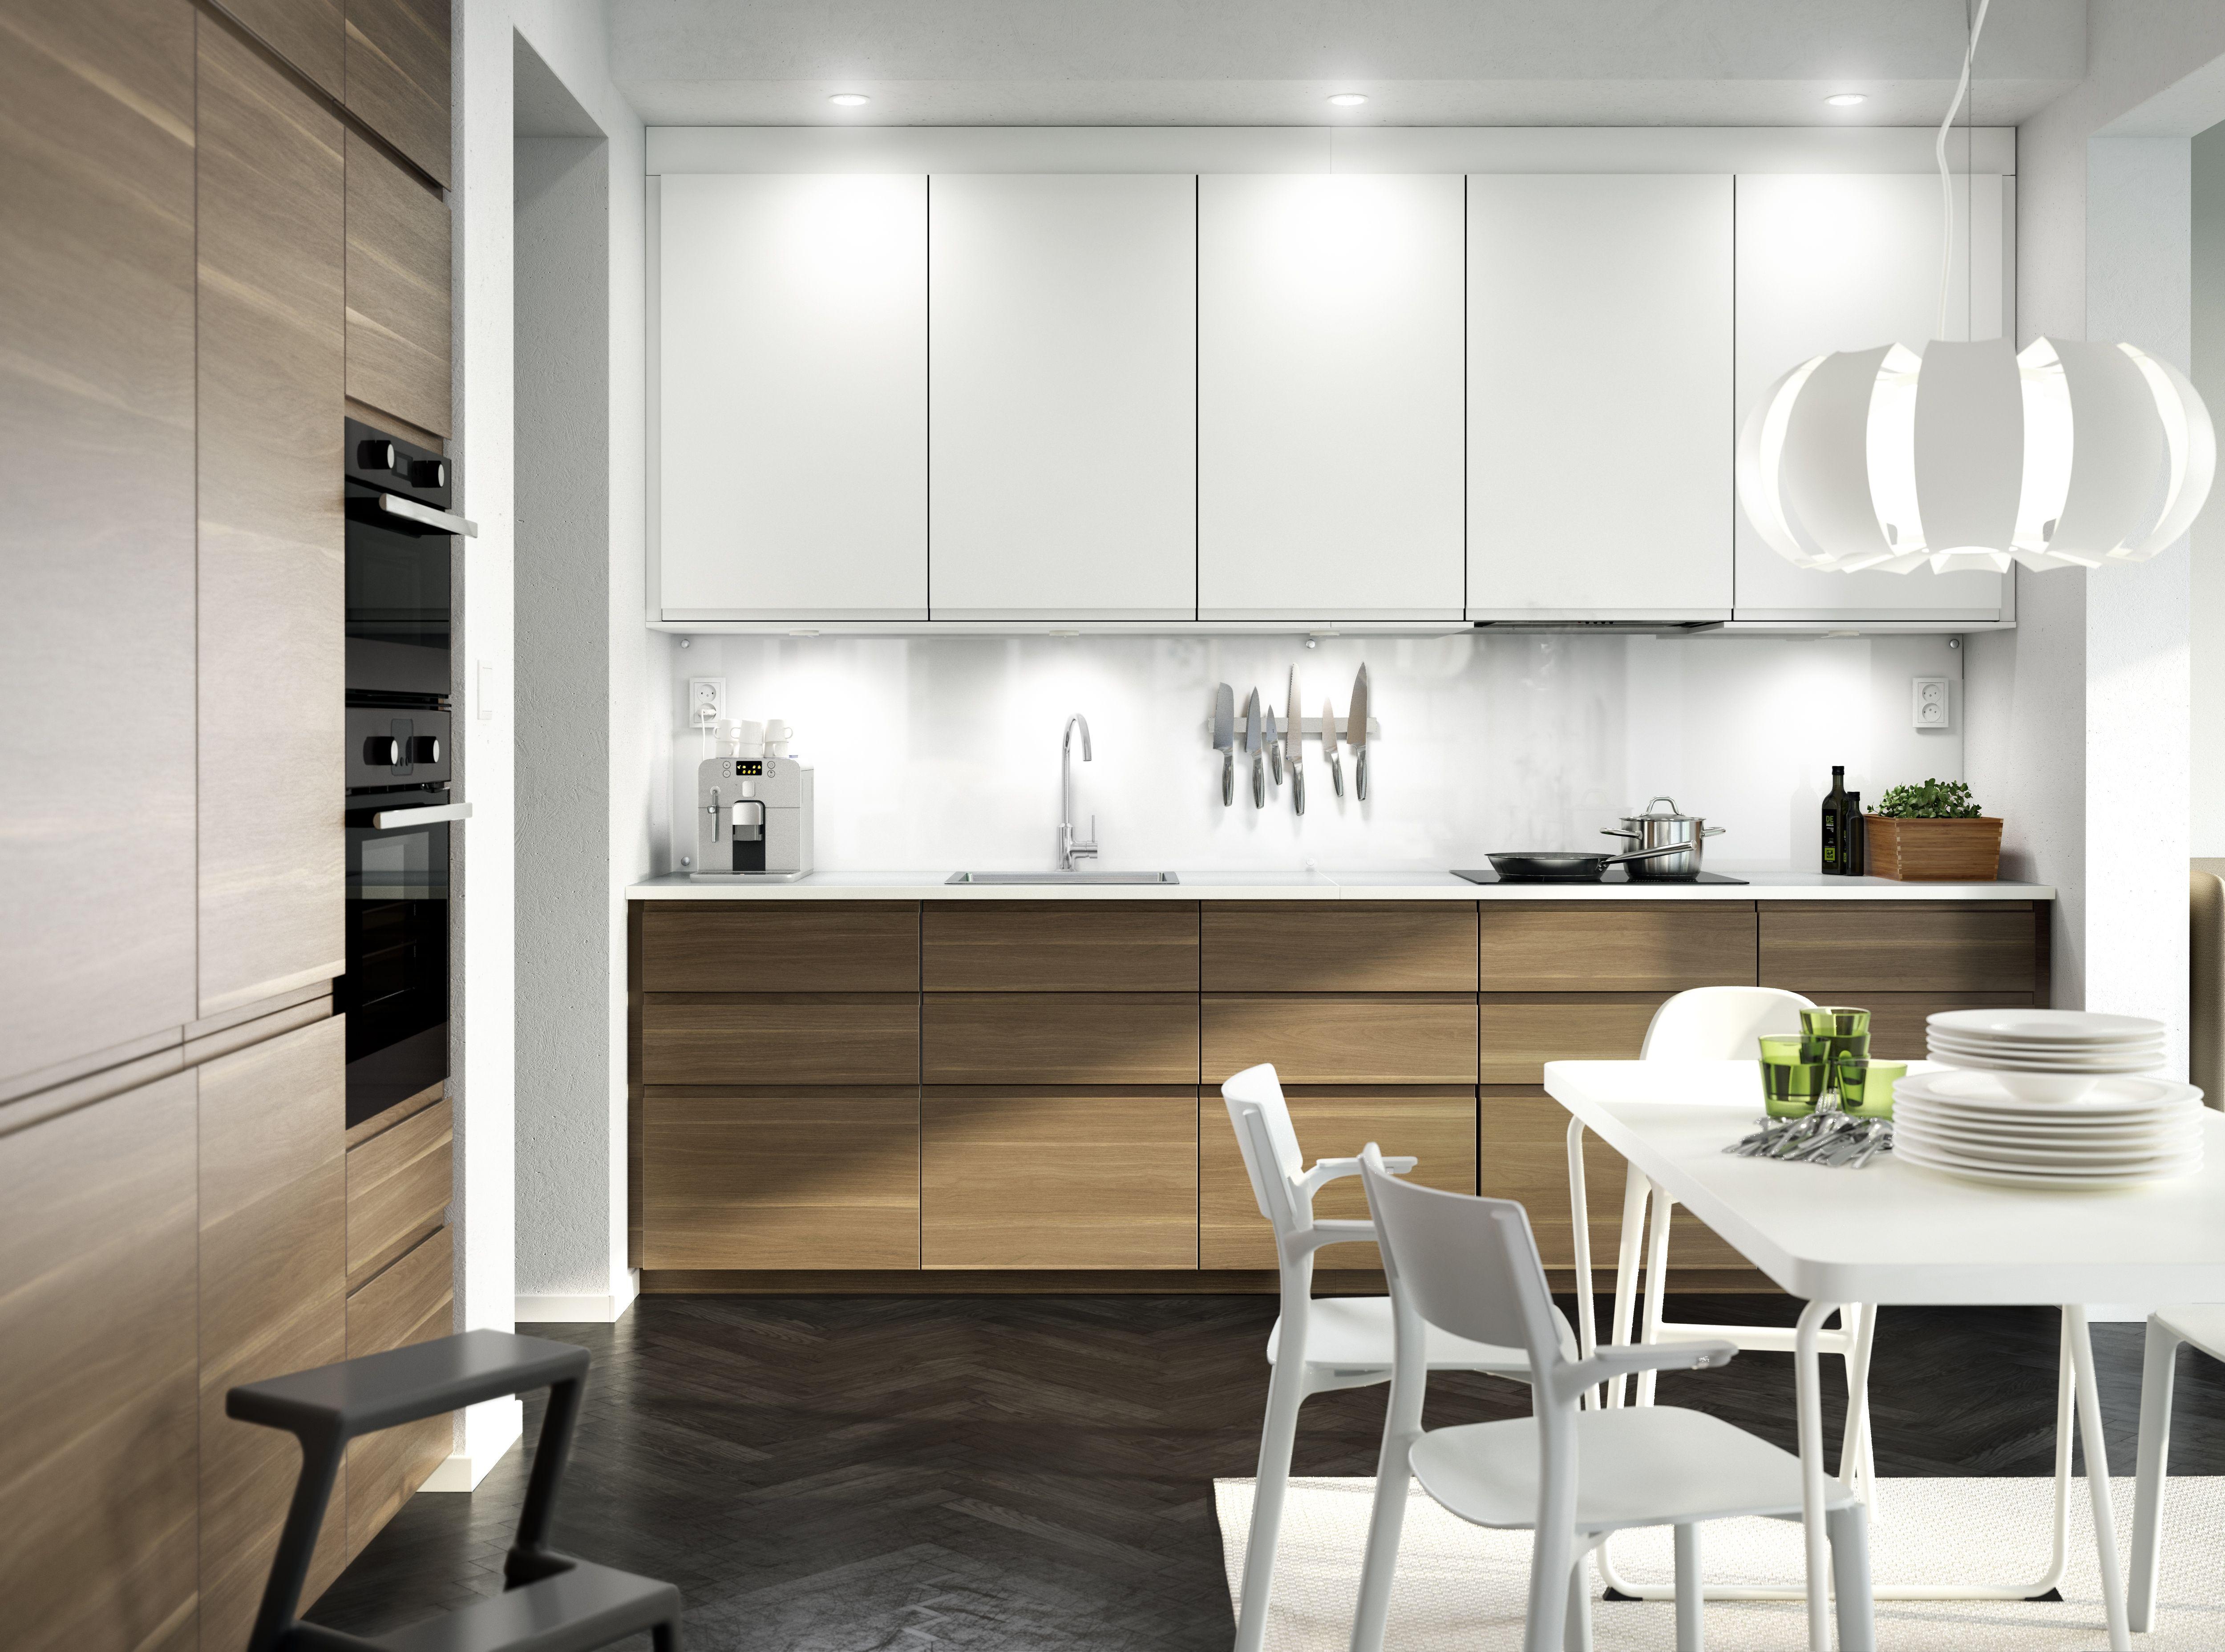 Ikea Cuisine Voxtorp Recherche Google Pomysly Do Domu